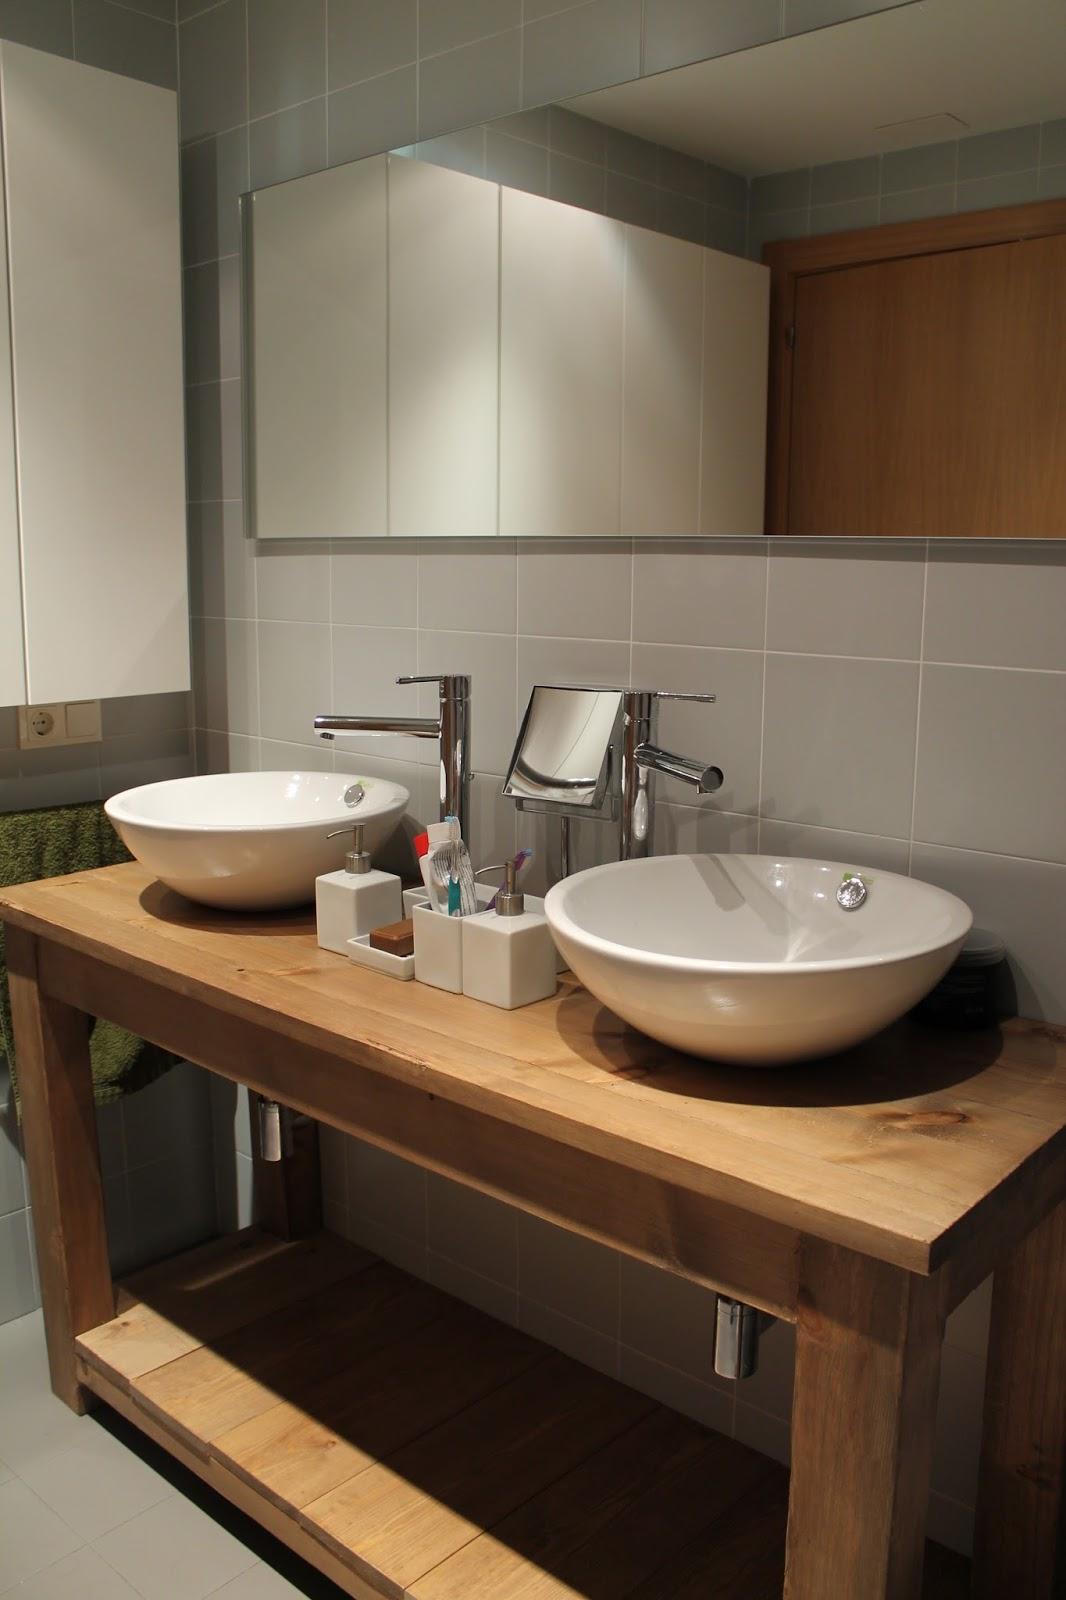 Mueble lavabo en madera dise o para que el agua fluya a for Mueble de bano de diseno de madera